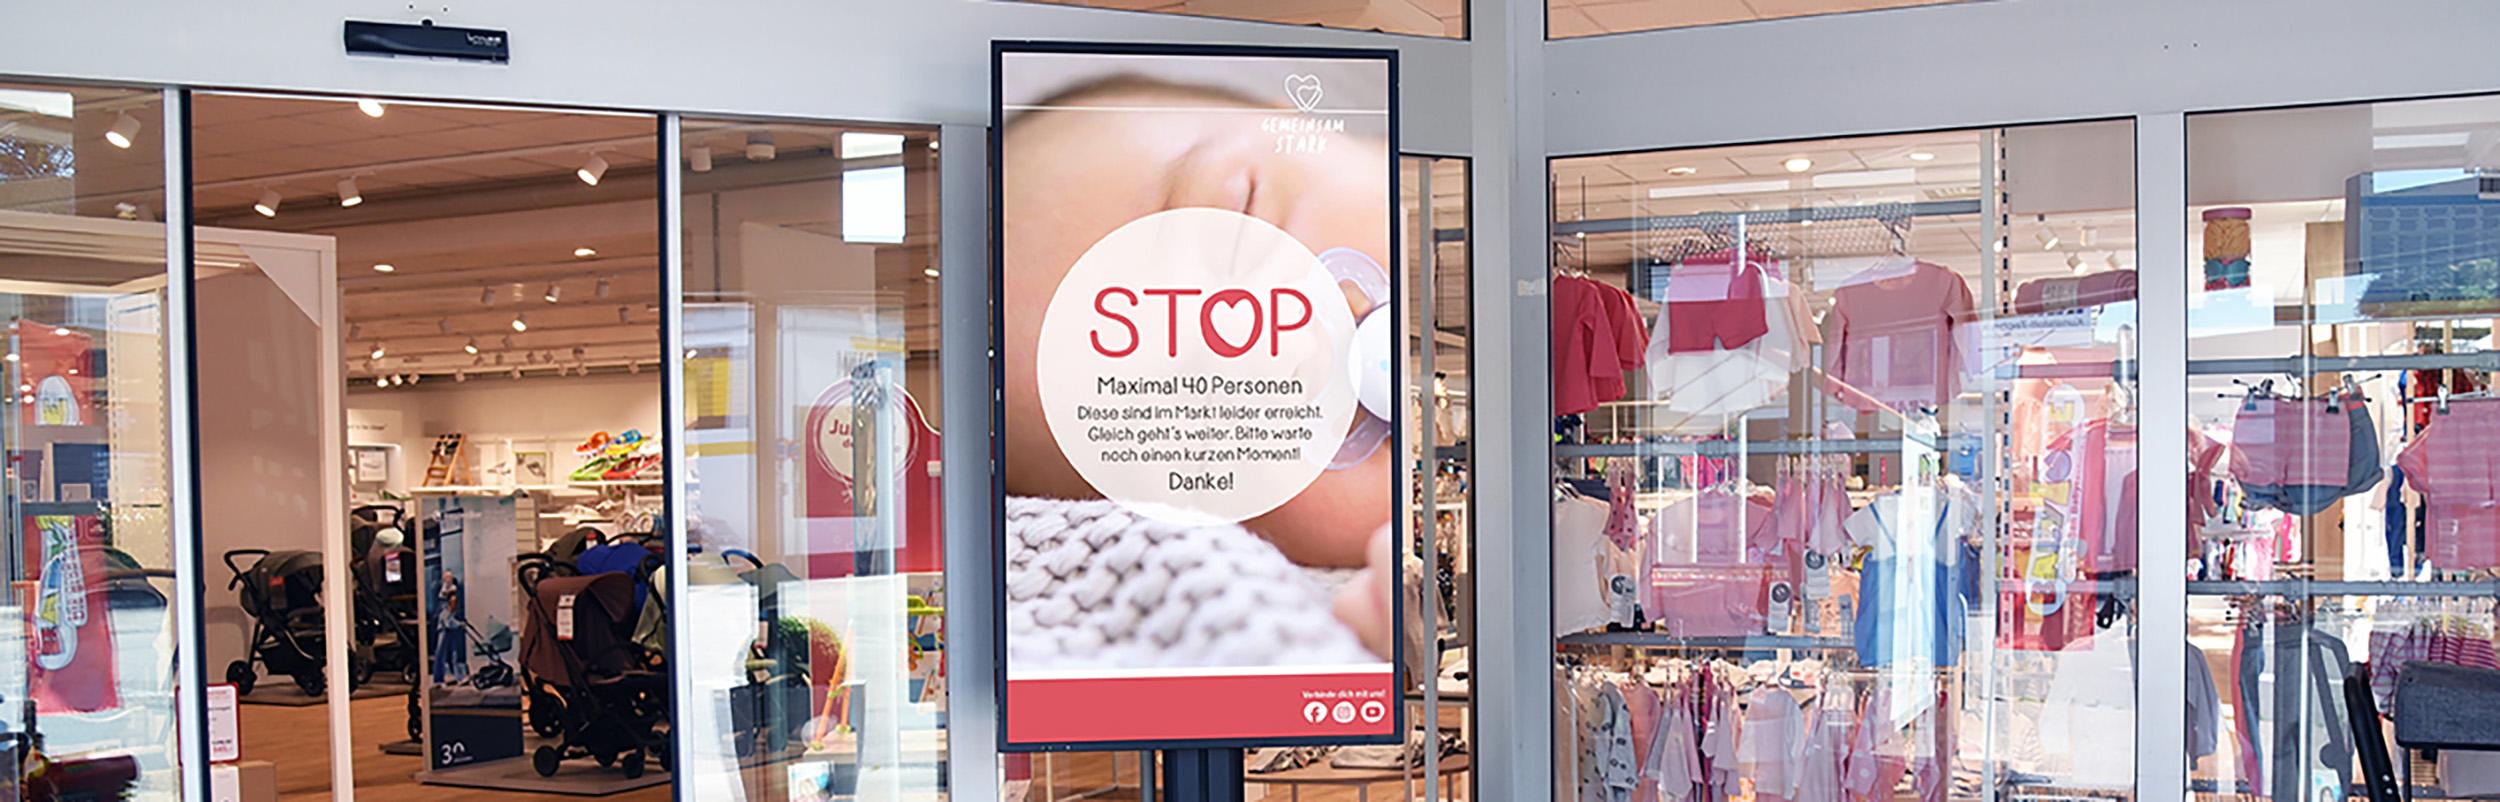 Digital Signage mit Einlasskontrolle bei BabyOne